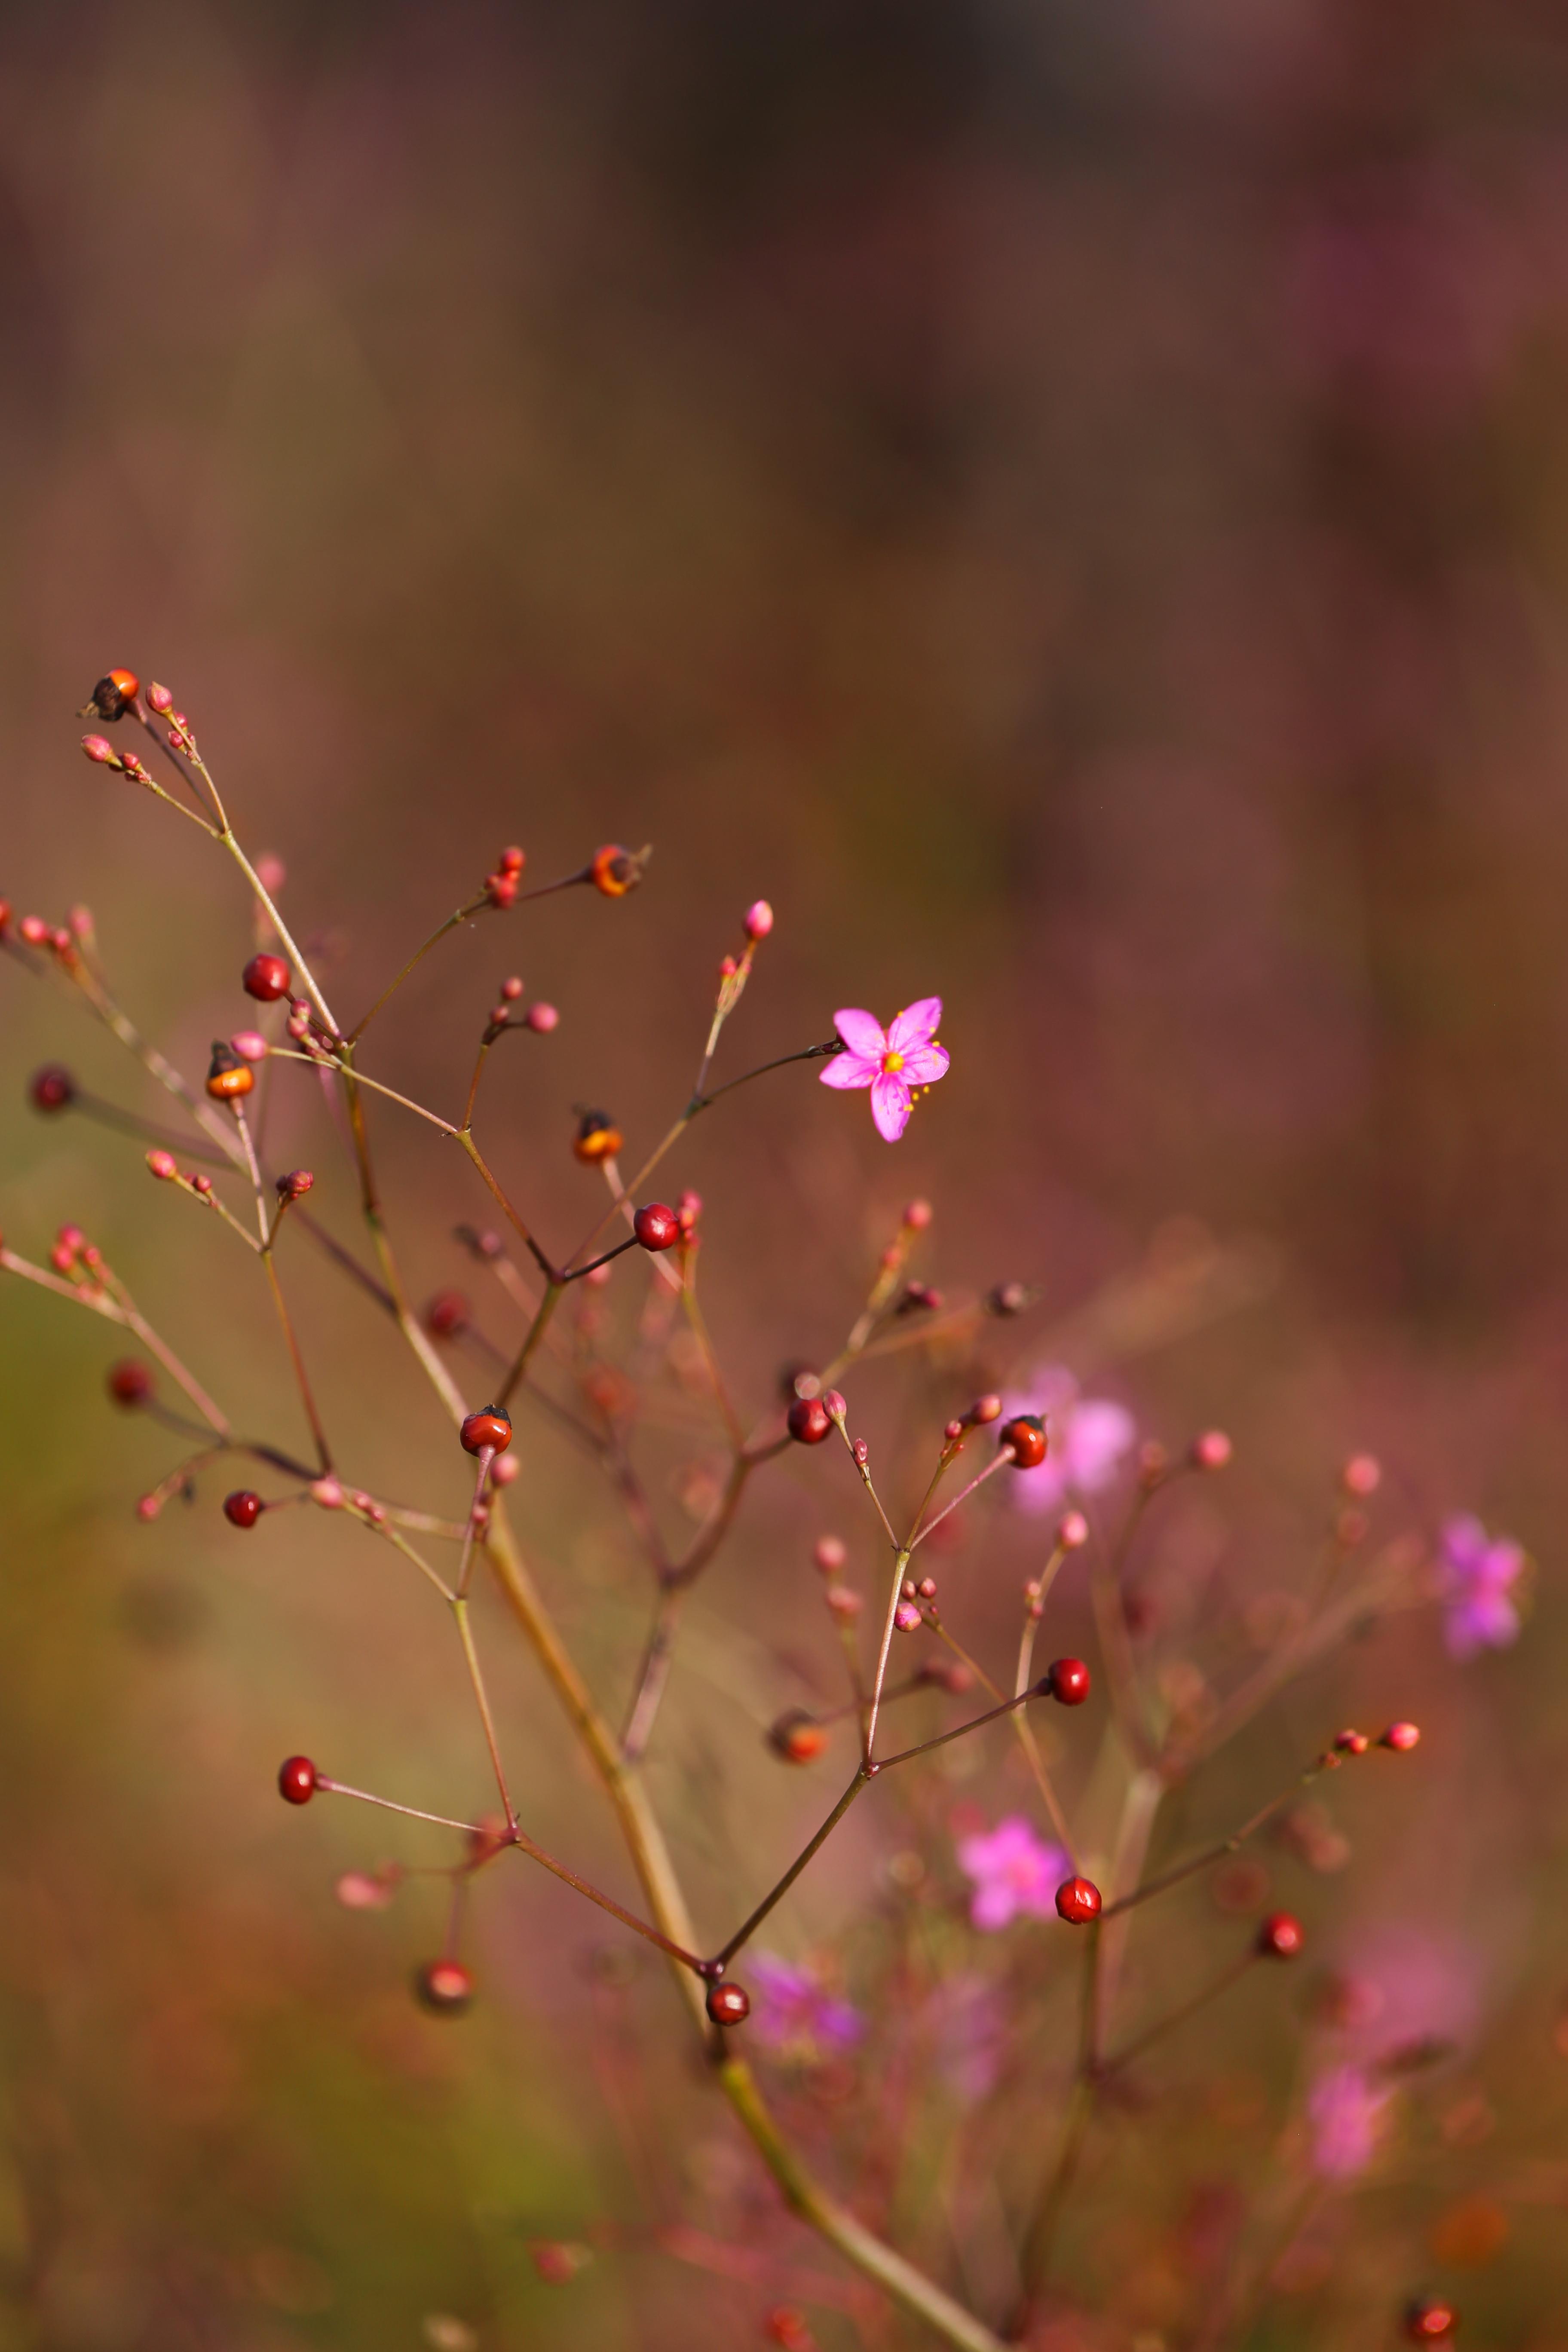 Coup d'oeil du vendredi - Delimoon.com - couleurs d'automne